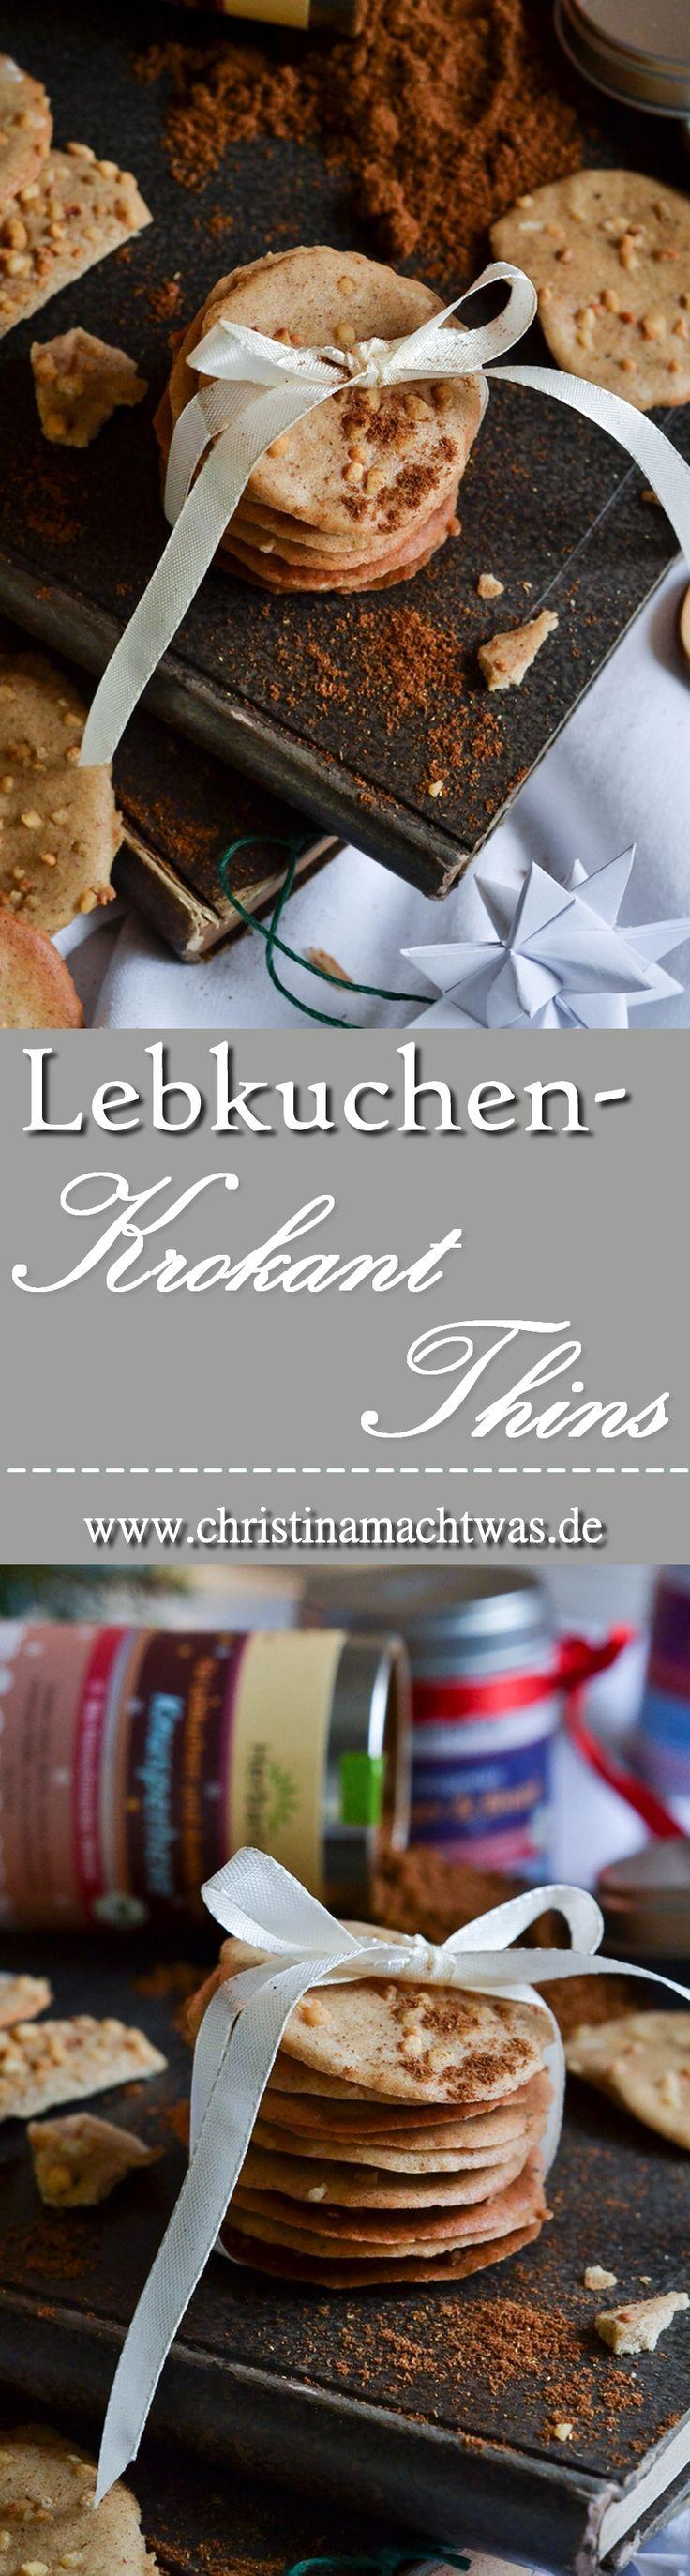 die besten 25 typisch deutsches essen ideen auf pinterest typisch deutsche gerichte heute in. Black Bedroom Furniture Sets. Home Design Ideas